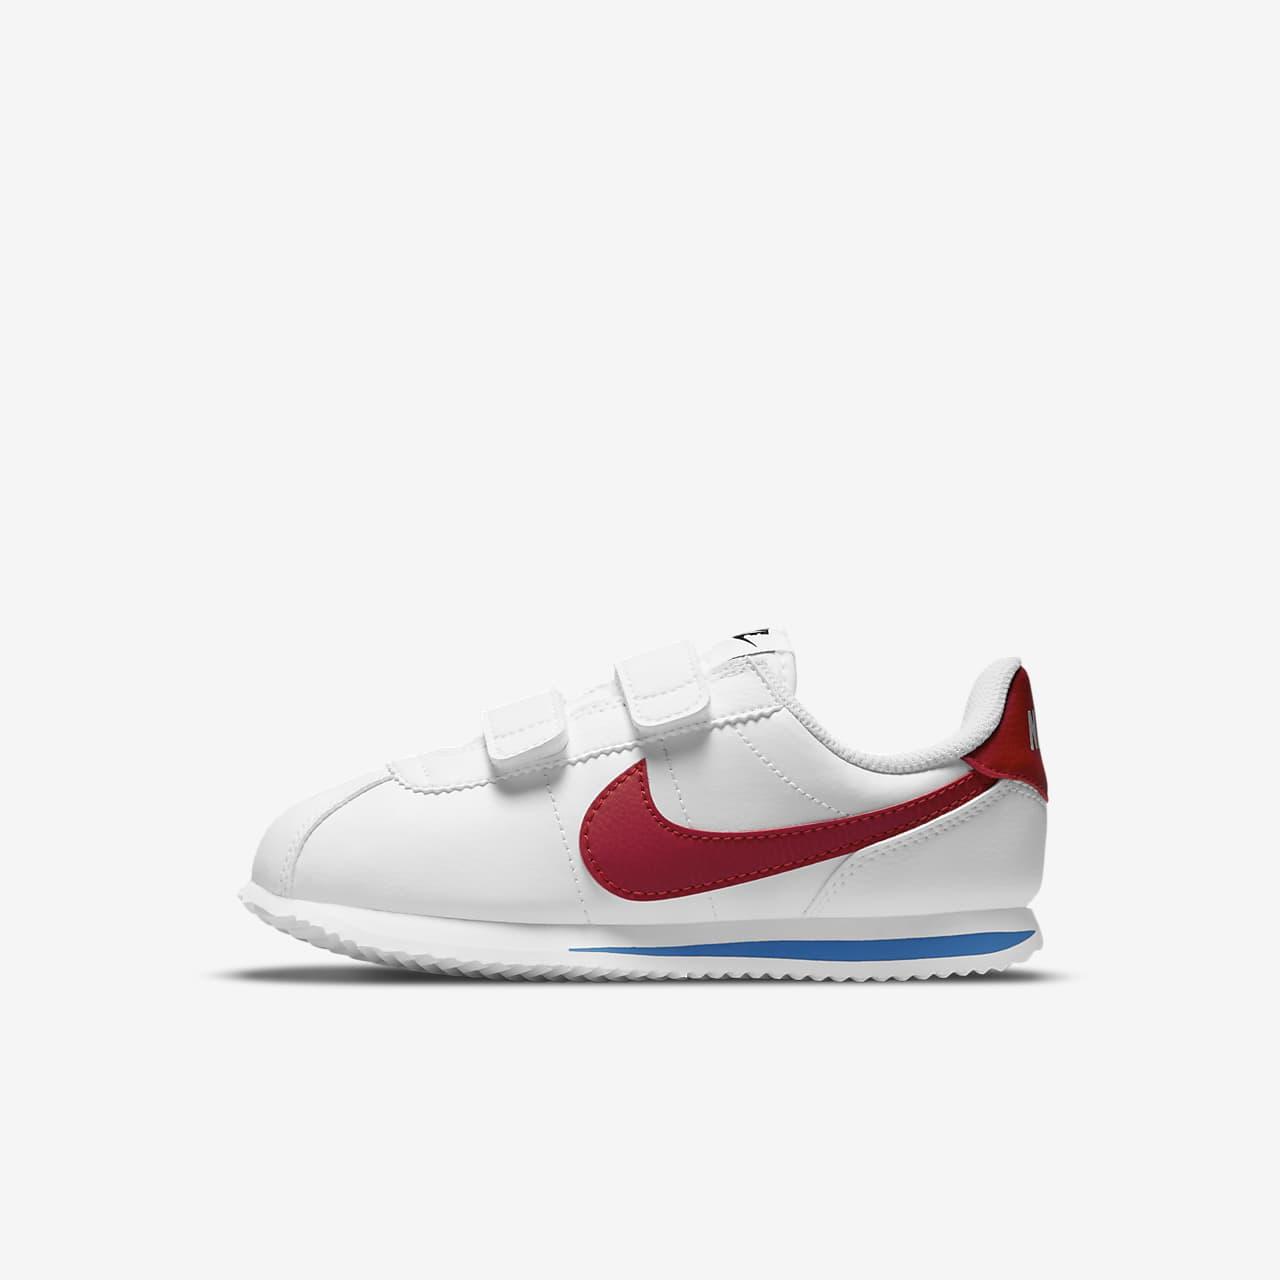 Chaussures Nike Cortez À 40,5 Pour Les Femmes